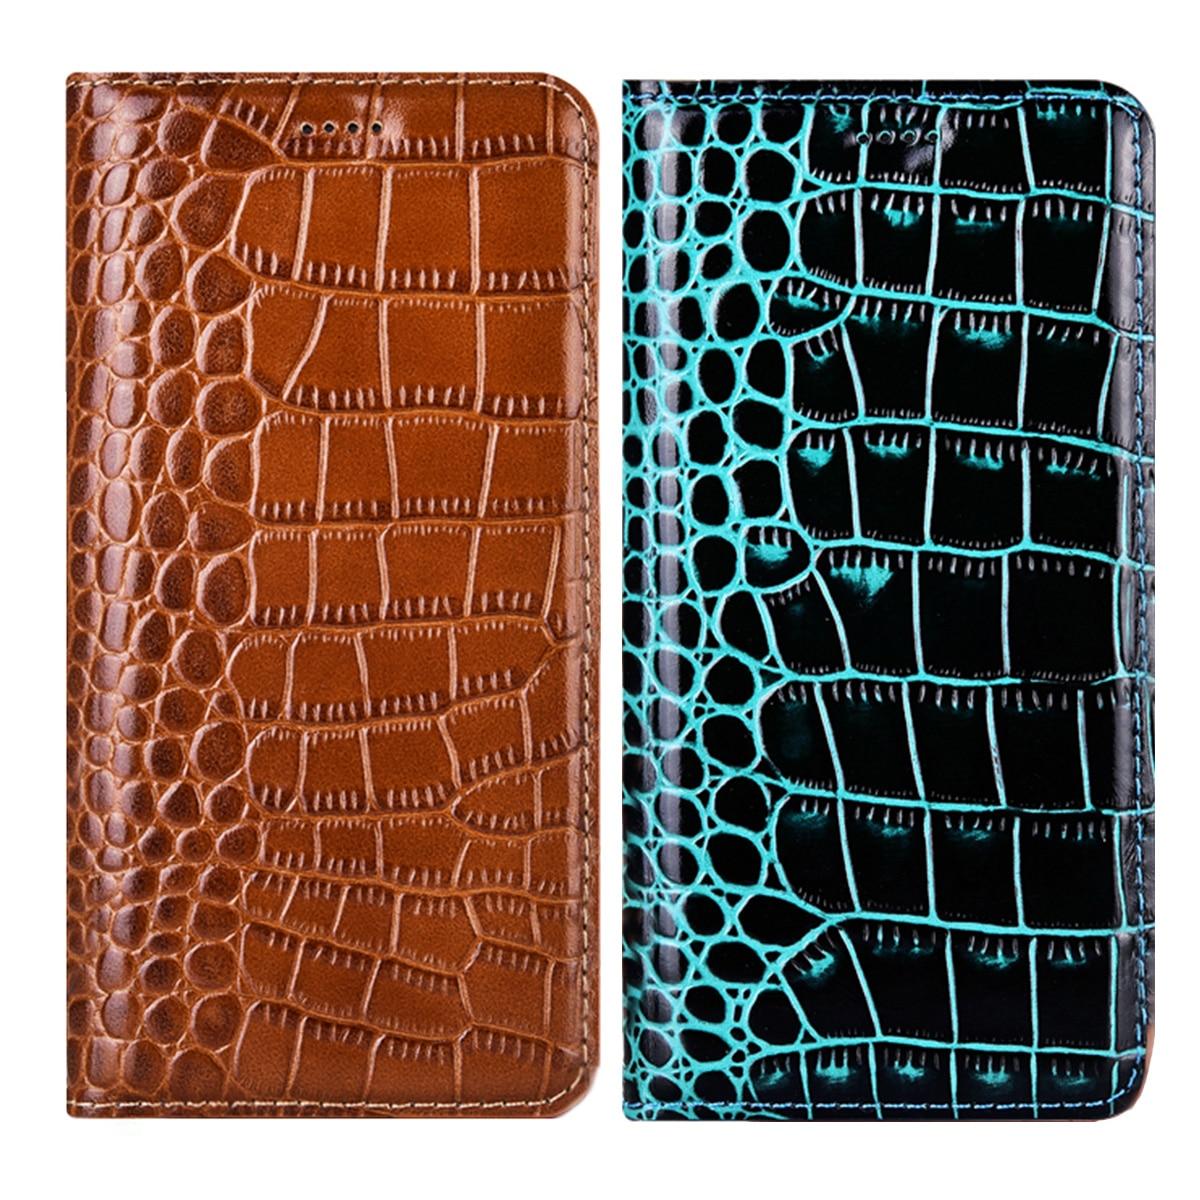 Funda de piel genuina de cocodrilo para Samsung Galaxy A50, A70, A30, A40 S, A10S, A20S, A50S, A70S, A51, S71, M10, M20 S, funda protectora para negocios